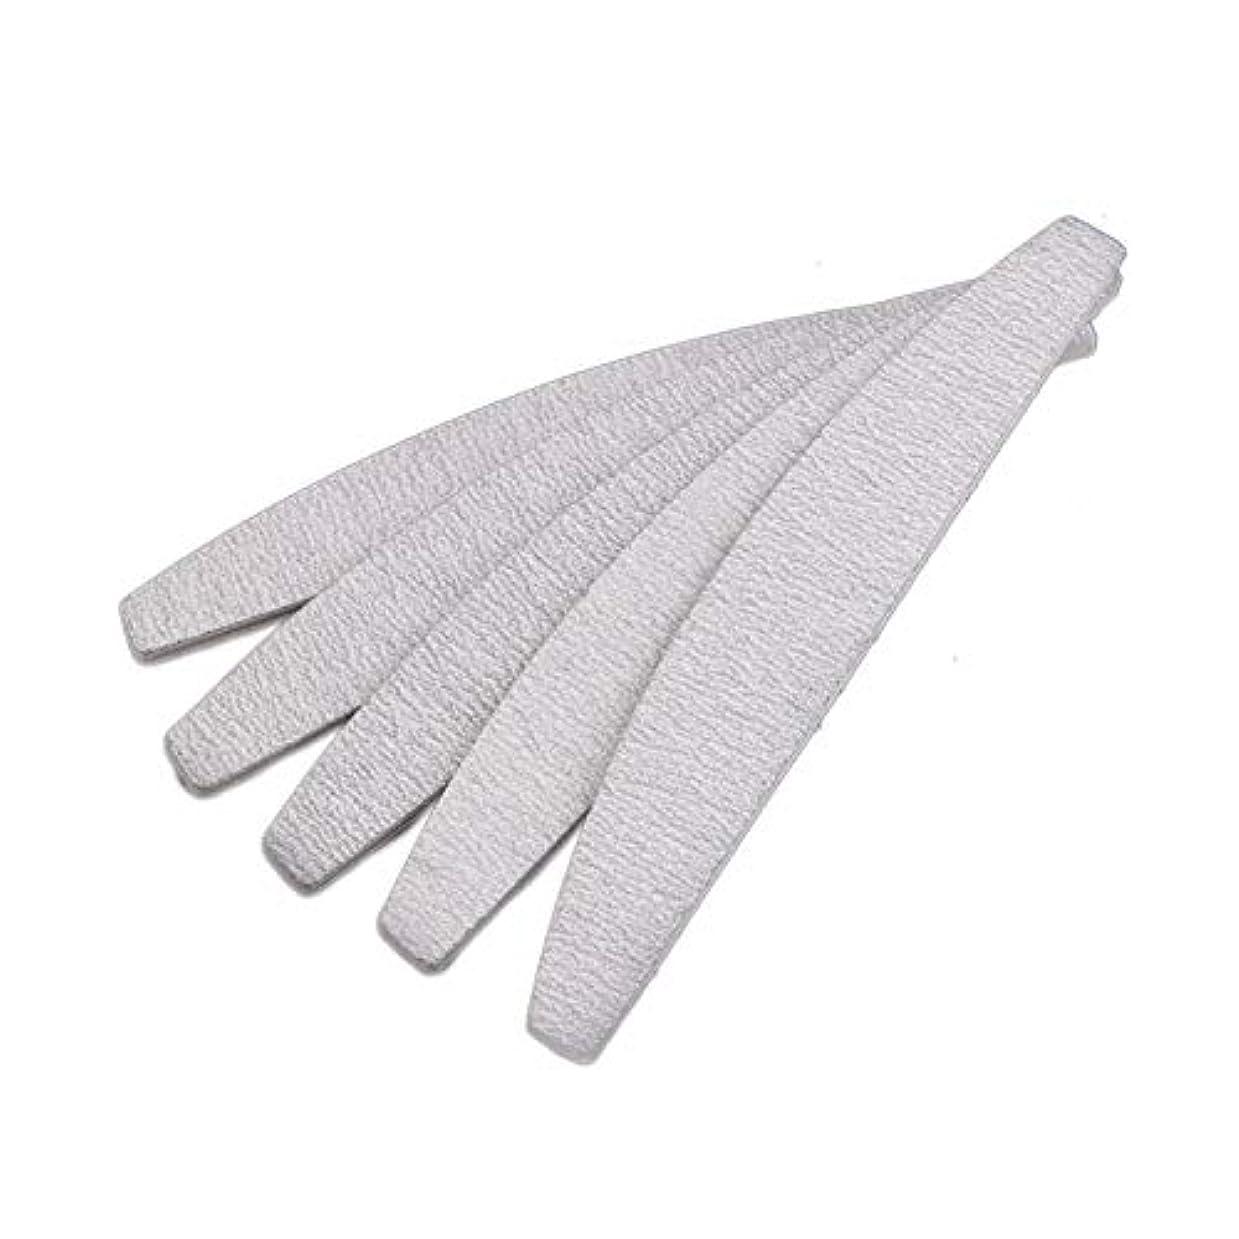 あなたは注ぎます明確なSemoic 爪やすり ネイルファイル、D形、両面、灰白/オフホワイト、10個